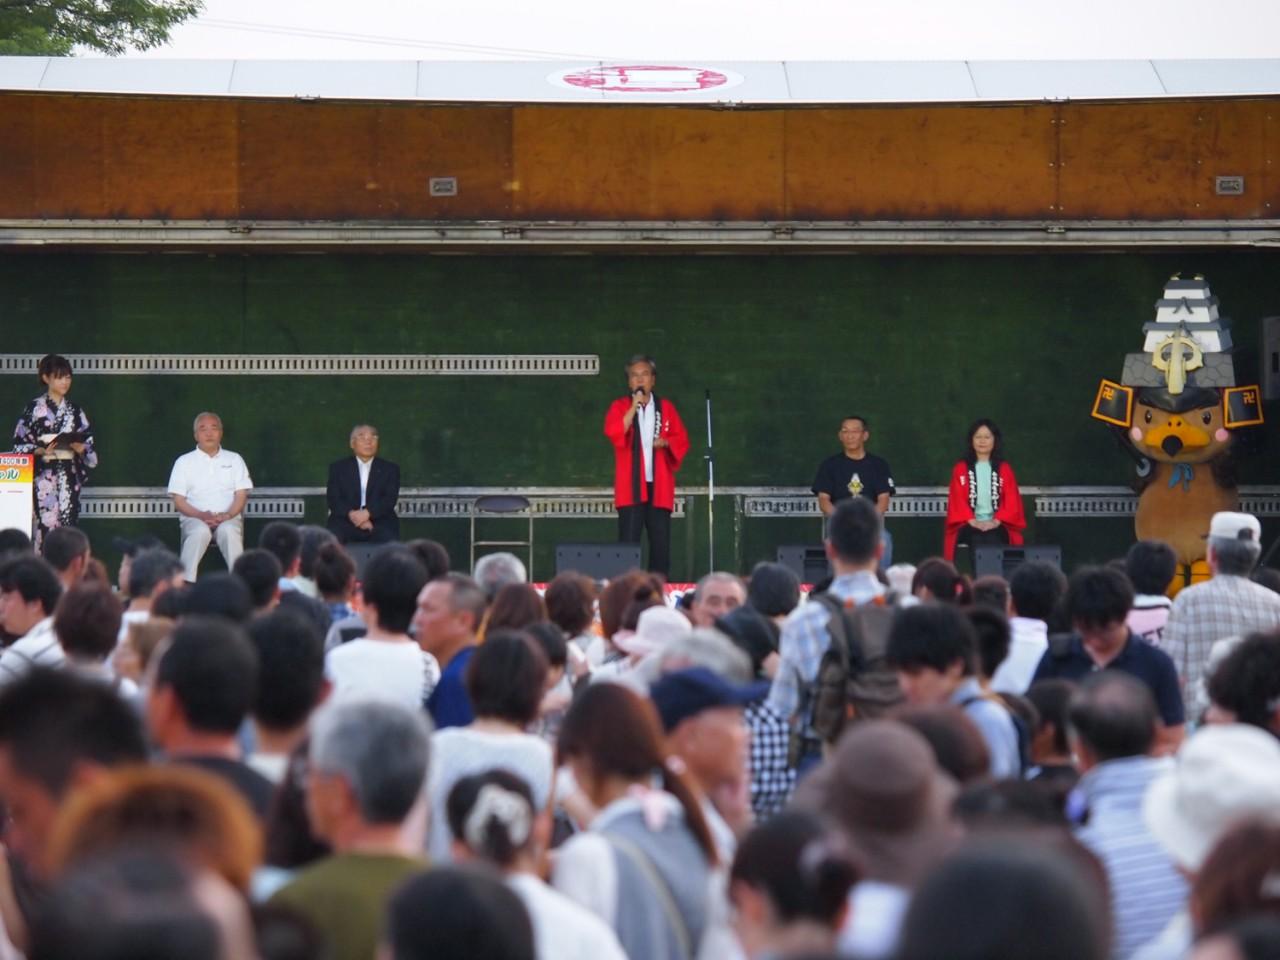 本イベントにかける情熱が感じられた葛西市長の挨拶。鷹丸くんも神妙な面持ちです…。